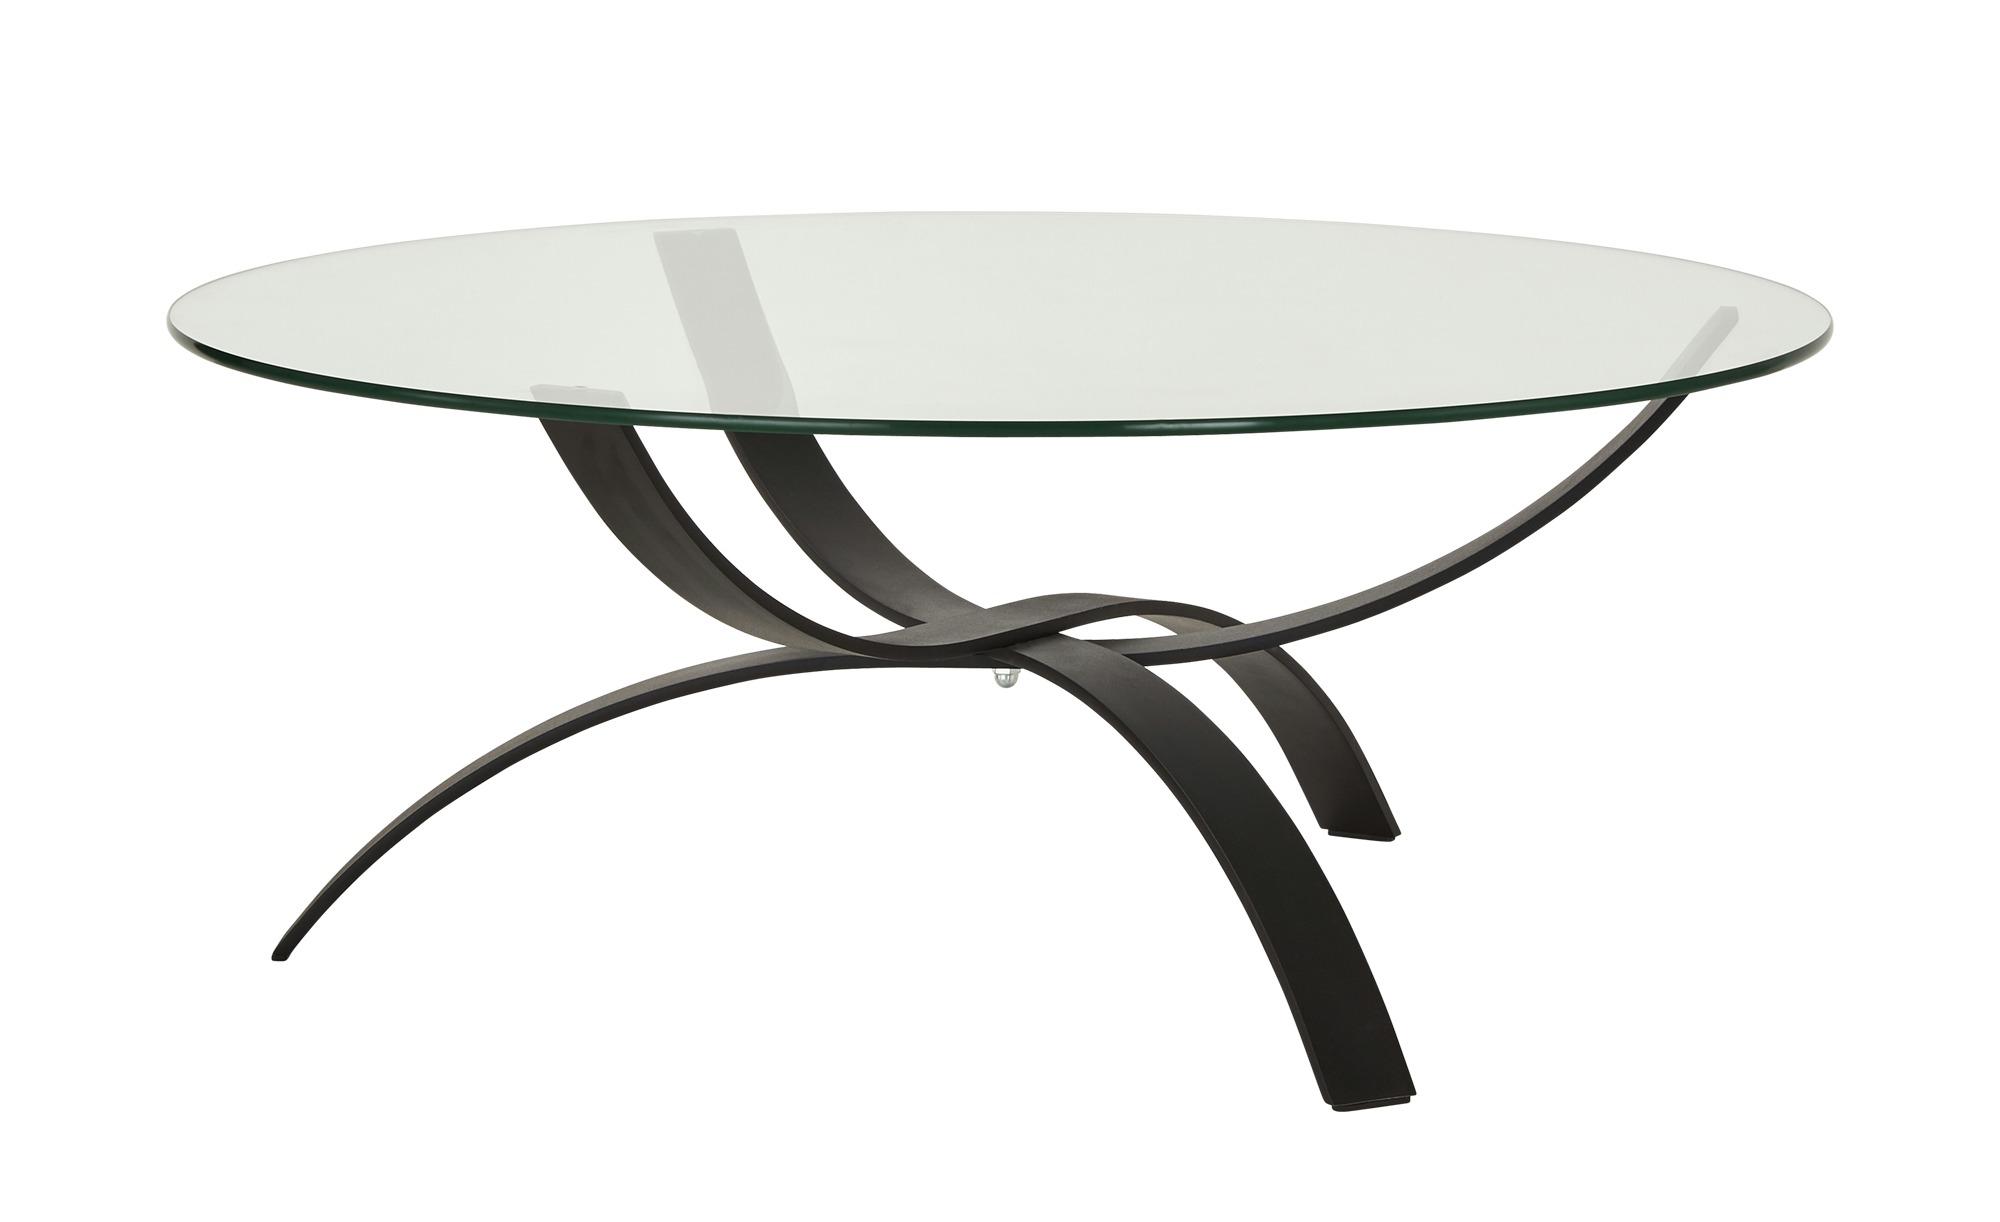 Couchtisch  Han ¦ schwarz ¦ Maße (cm): H: 45 Ø: [105.0] Tische > Couchtische > Couchtische rund - Höffner